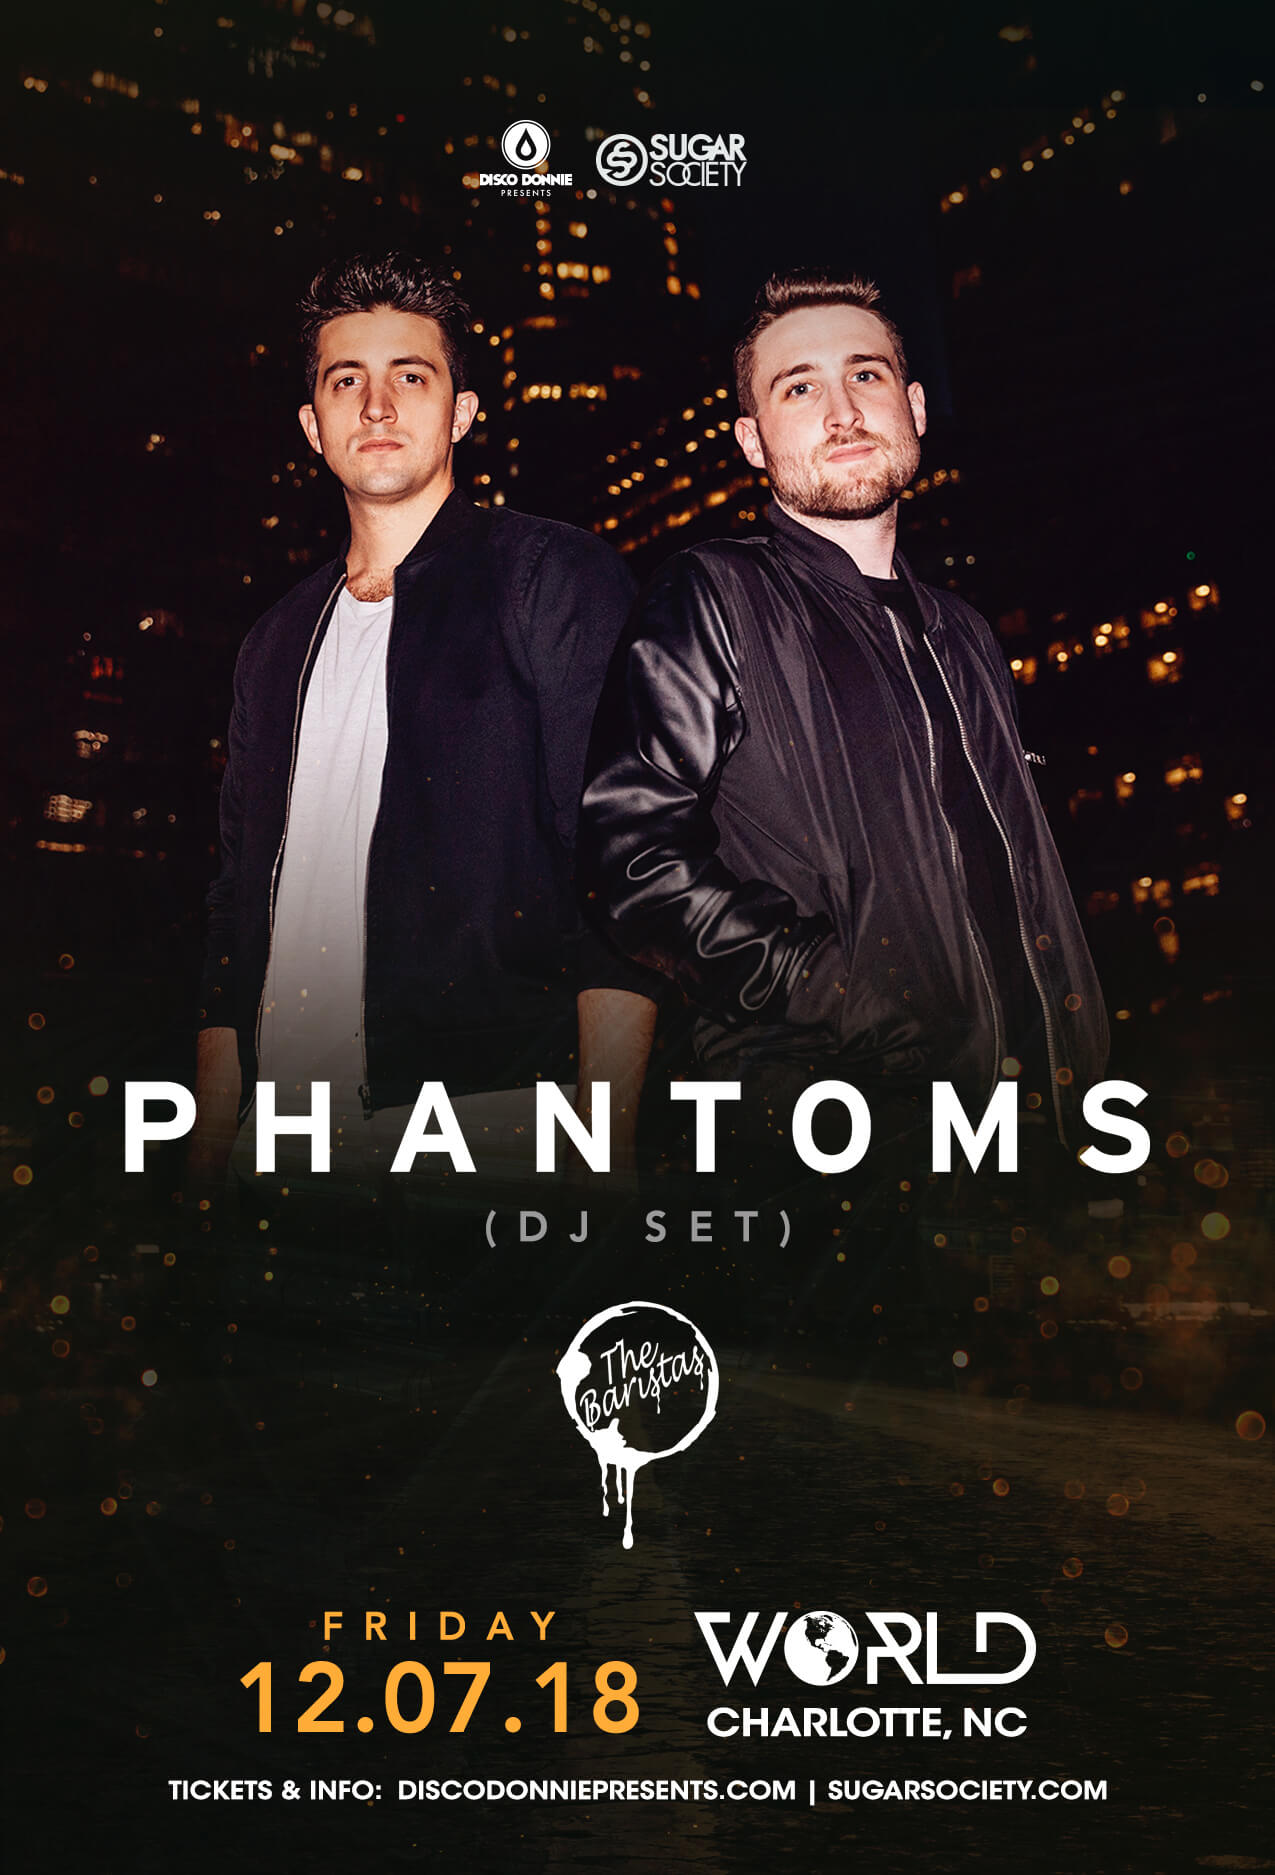 Phantoms in Charlotte